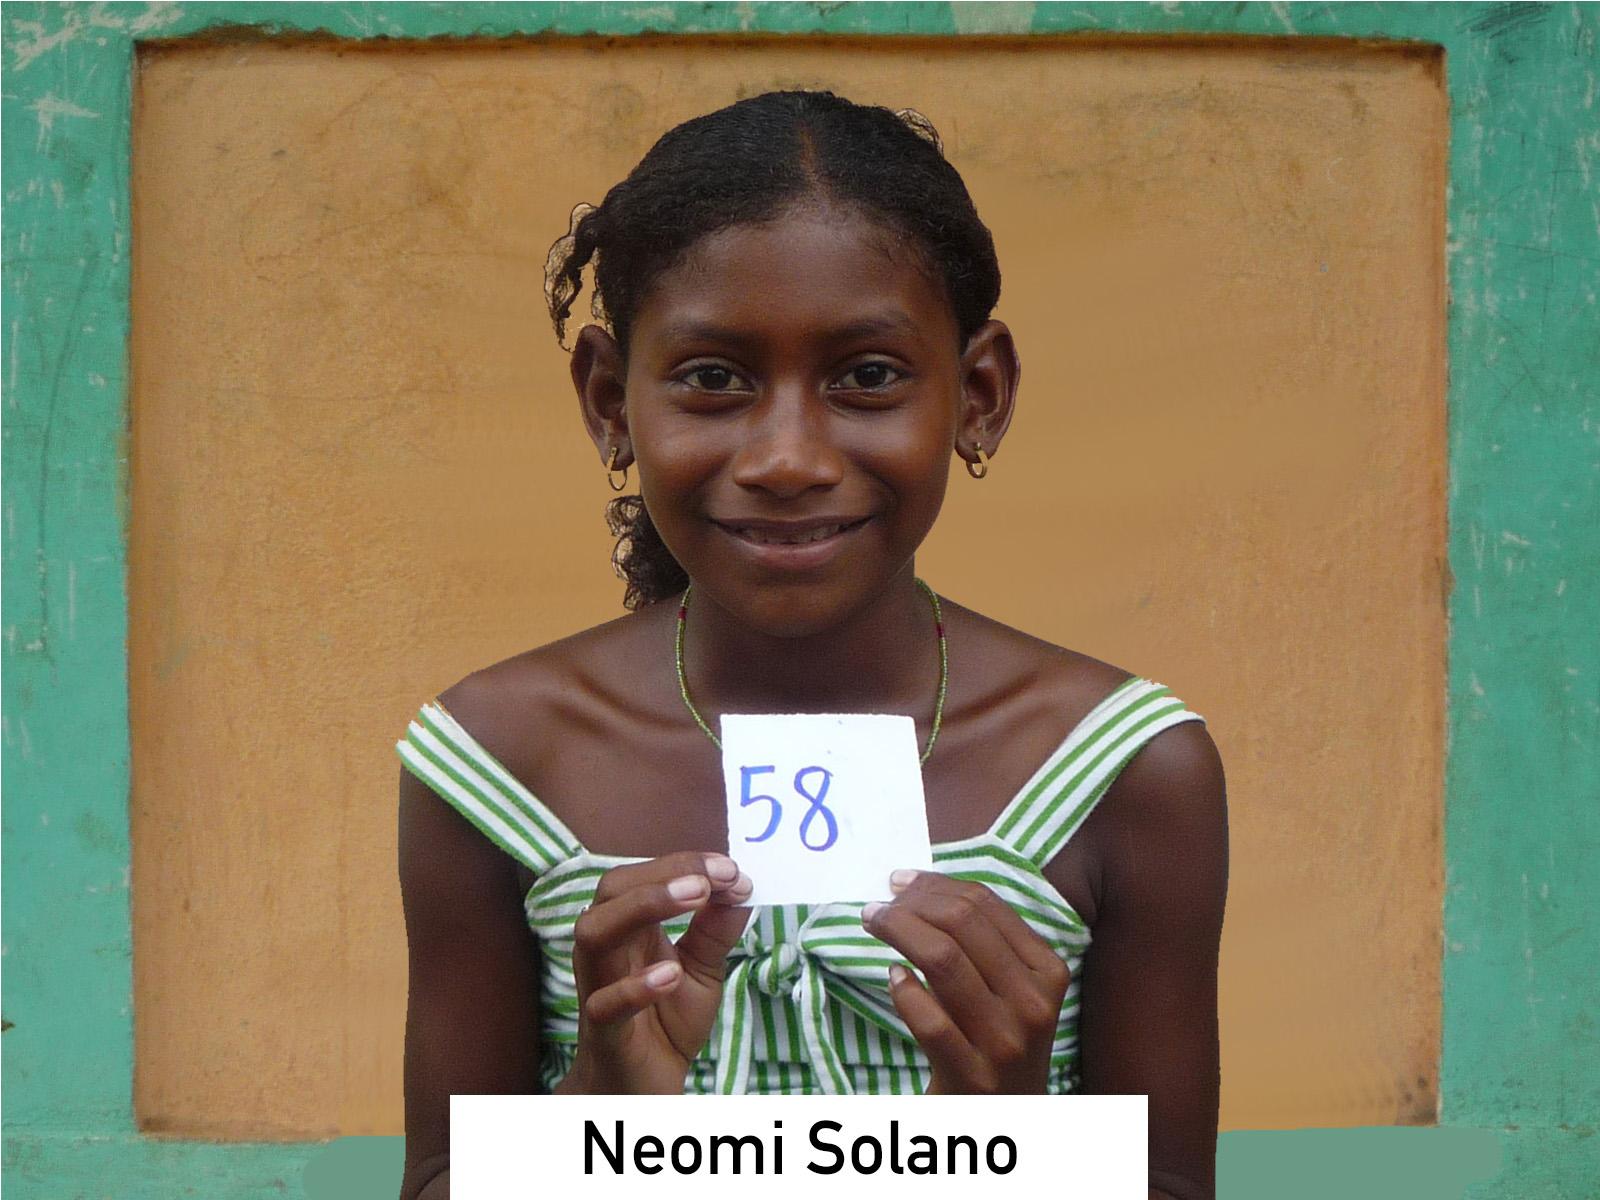 058 - Neomi Solano.jpg